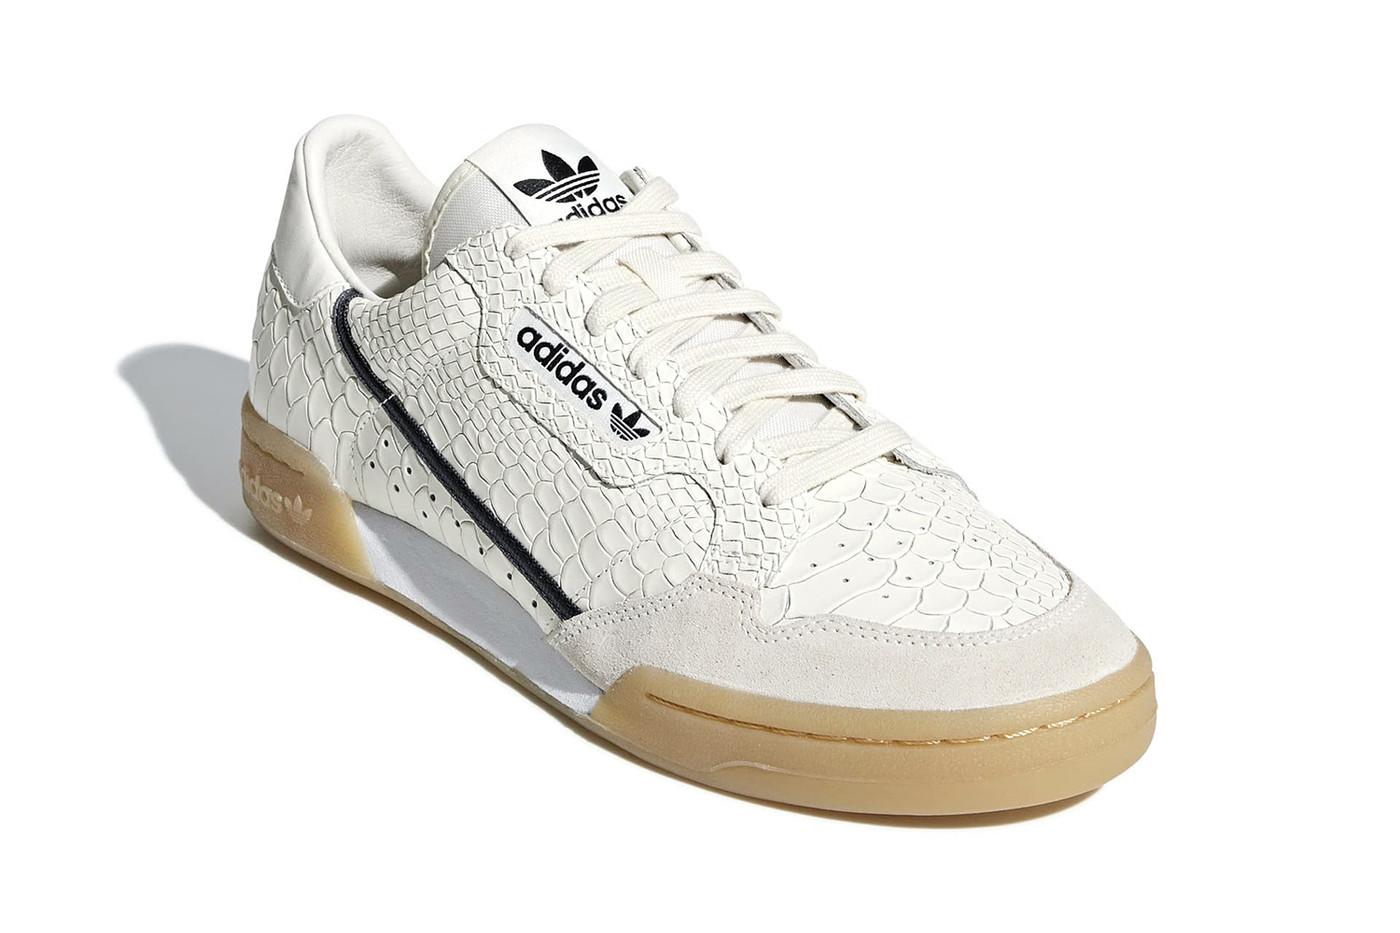 adidas-originals-continental-80-snakeskin-white-03